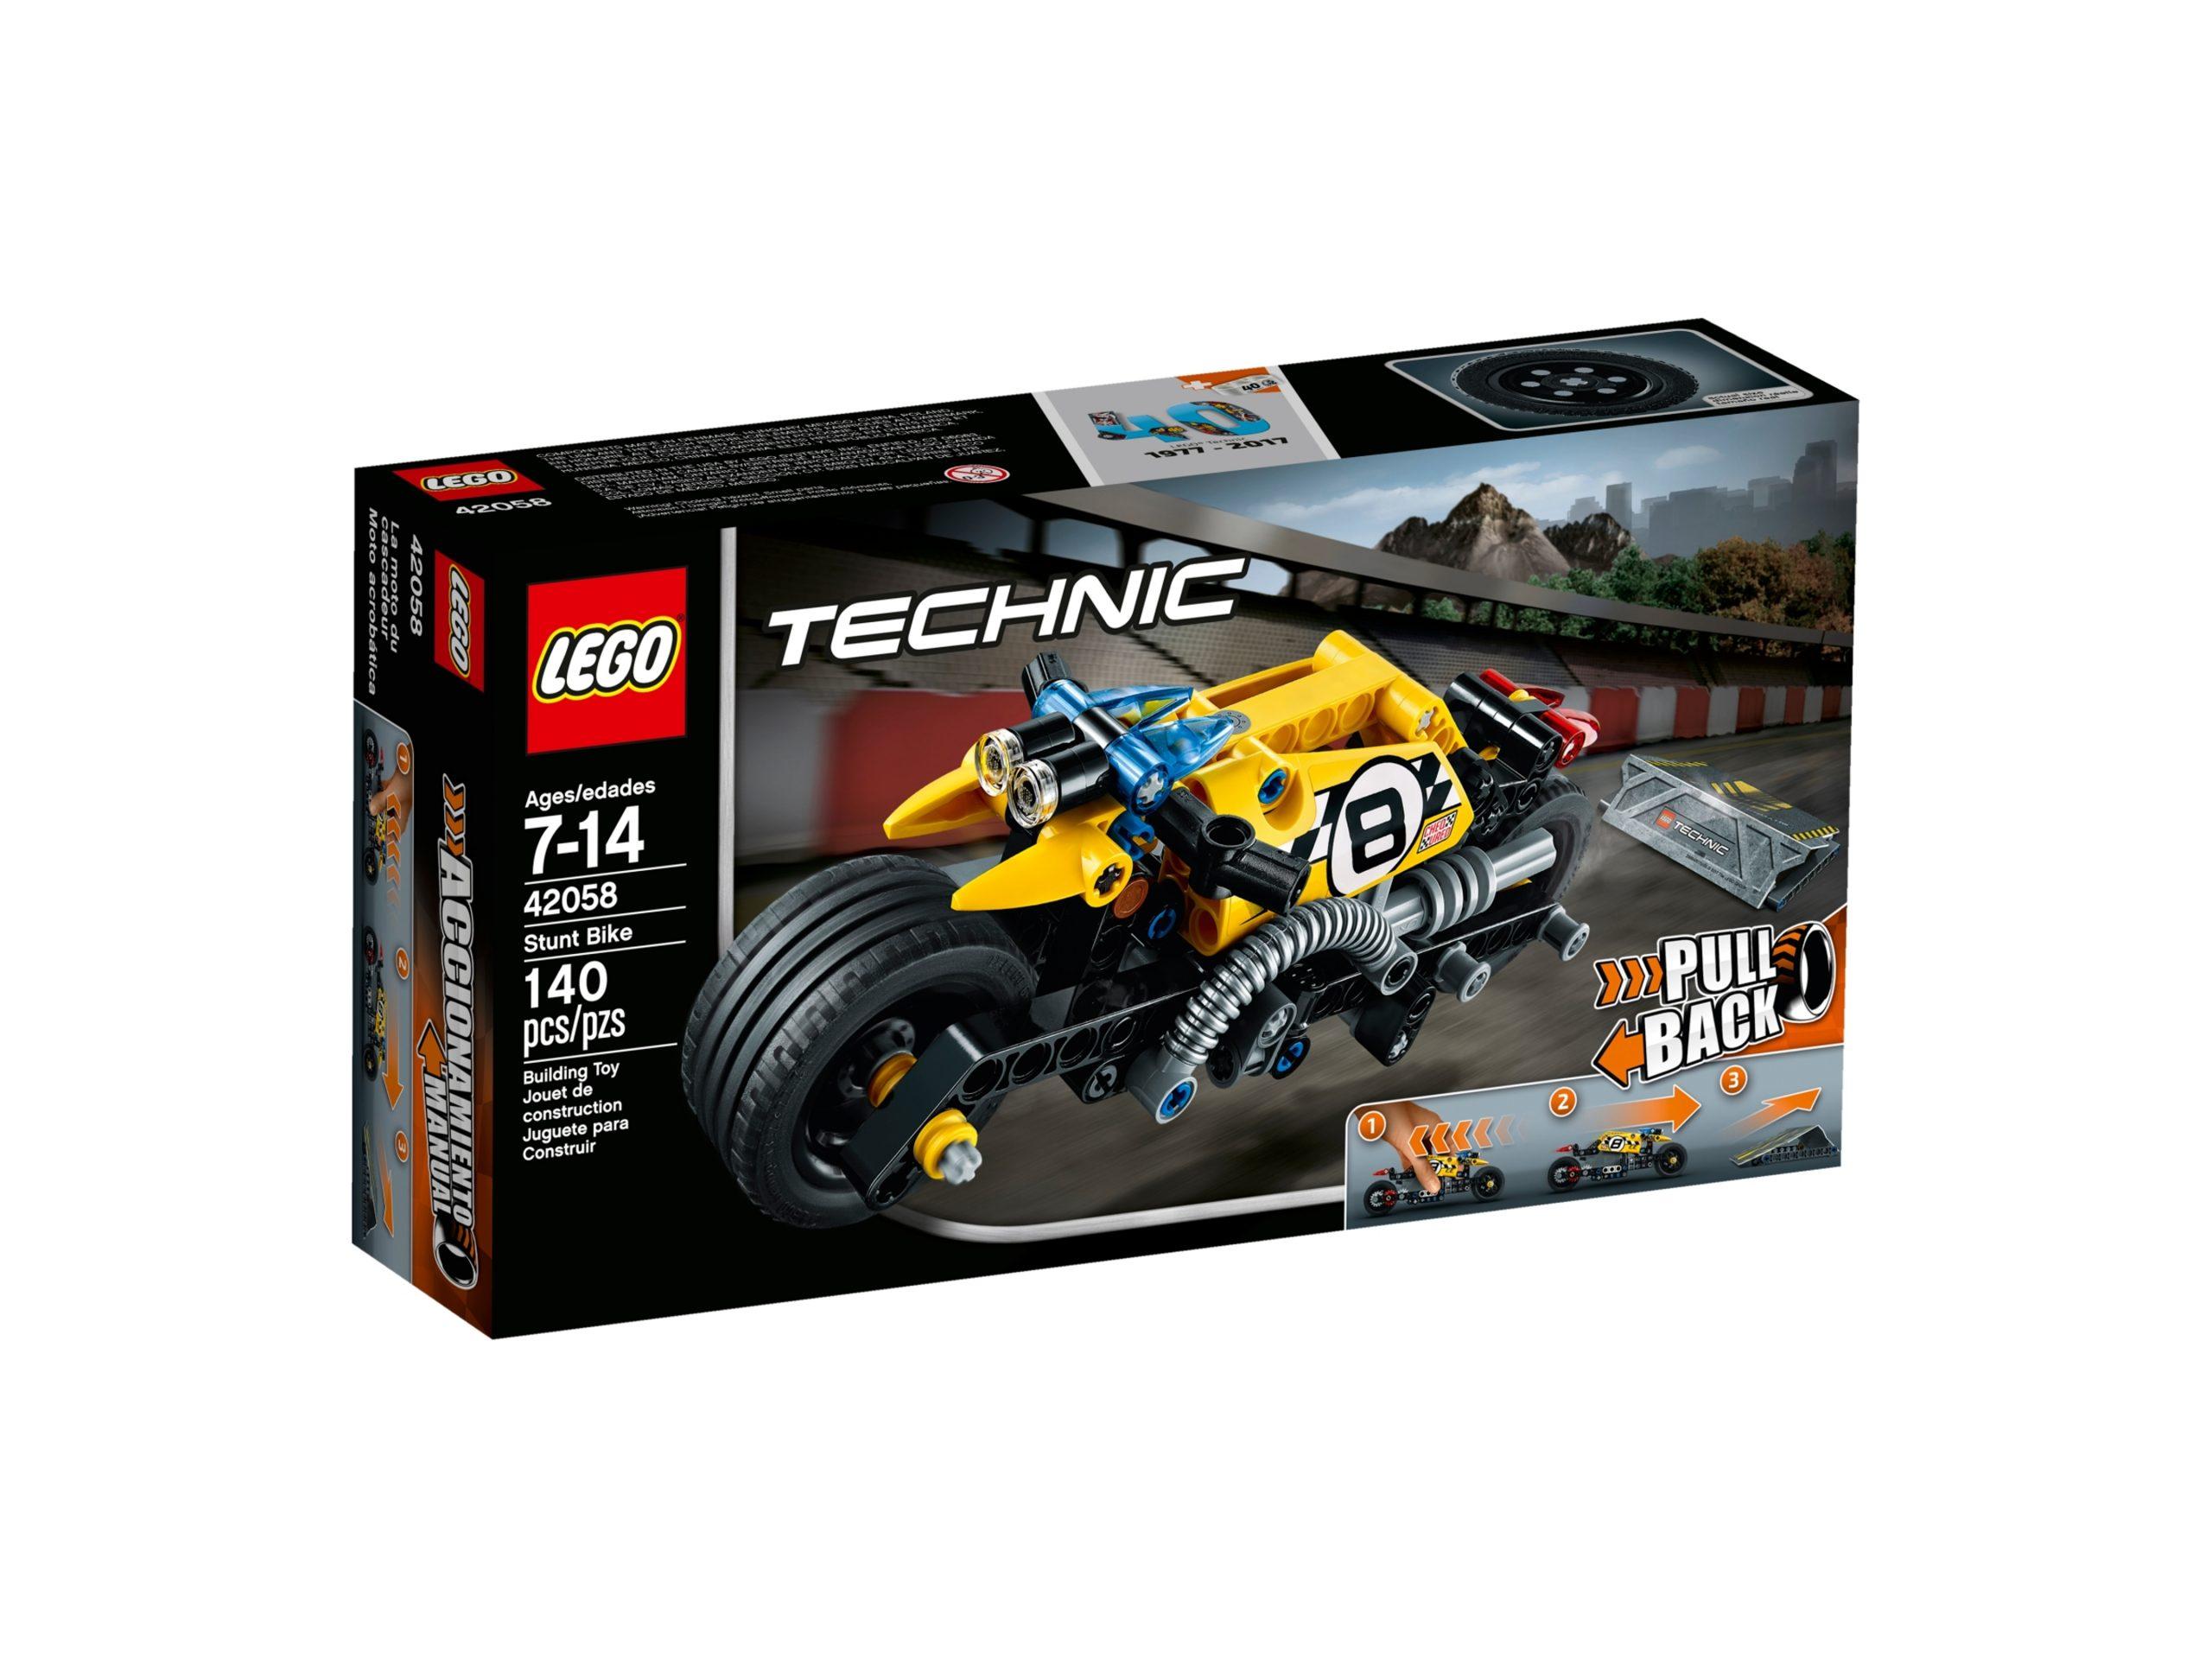 lego 42058 stunt bike scaled